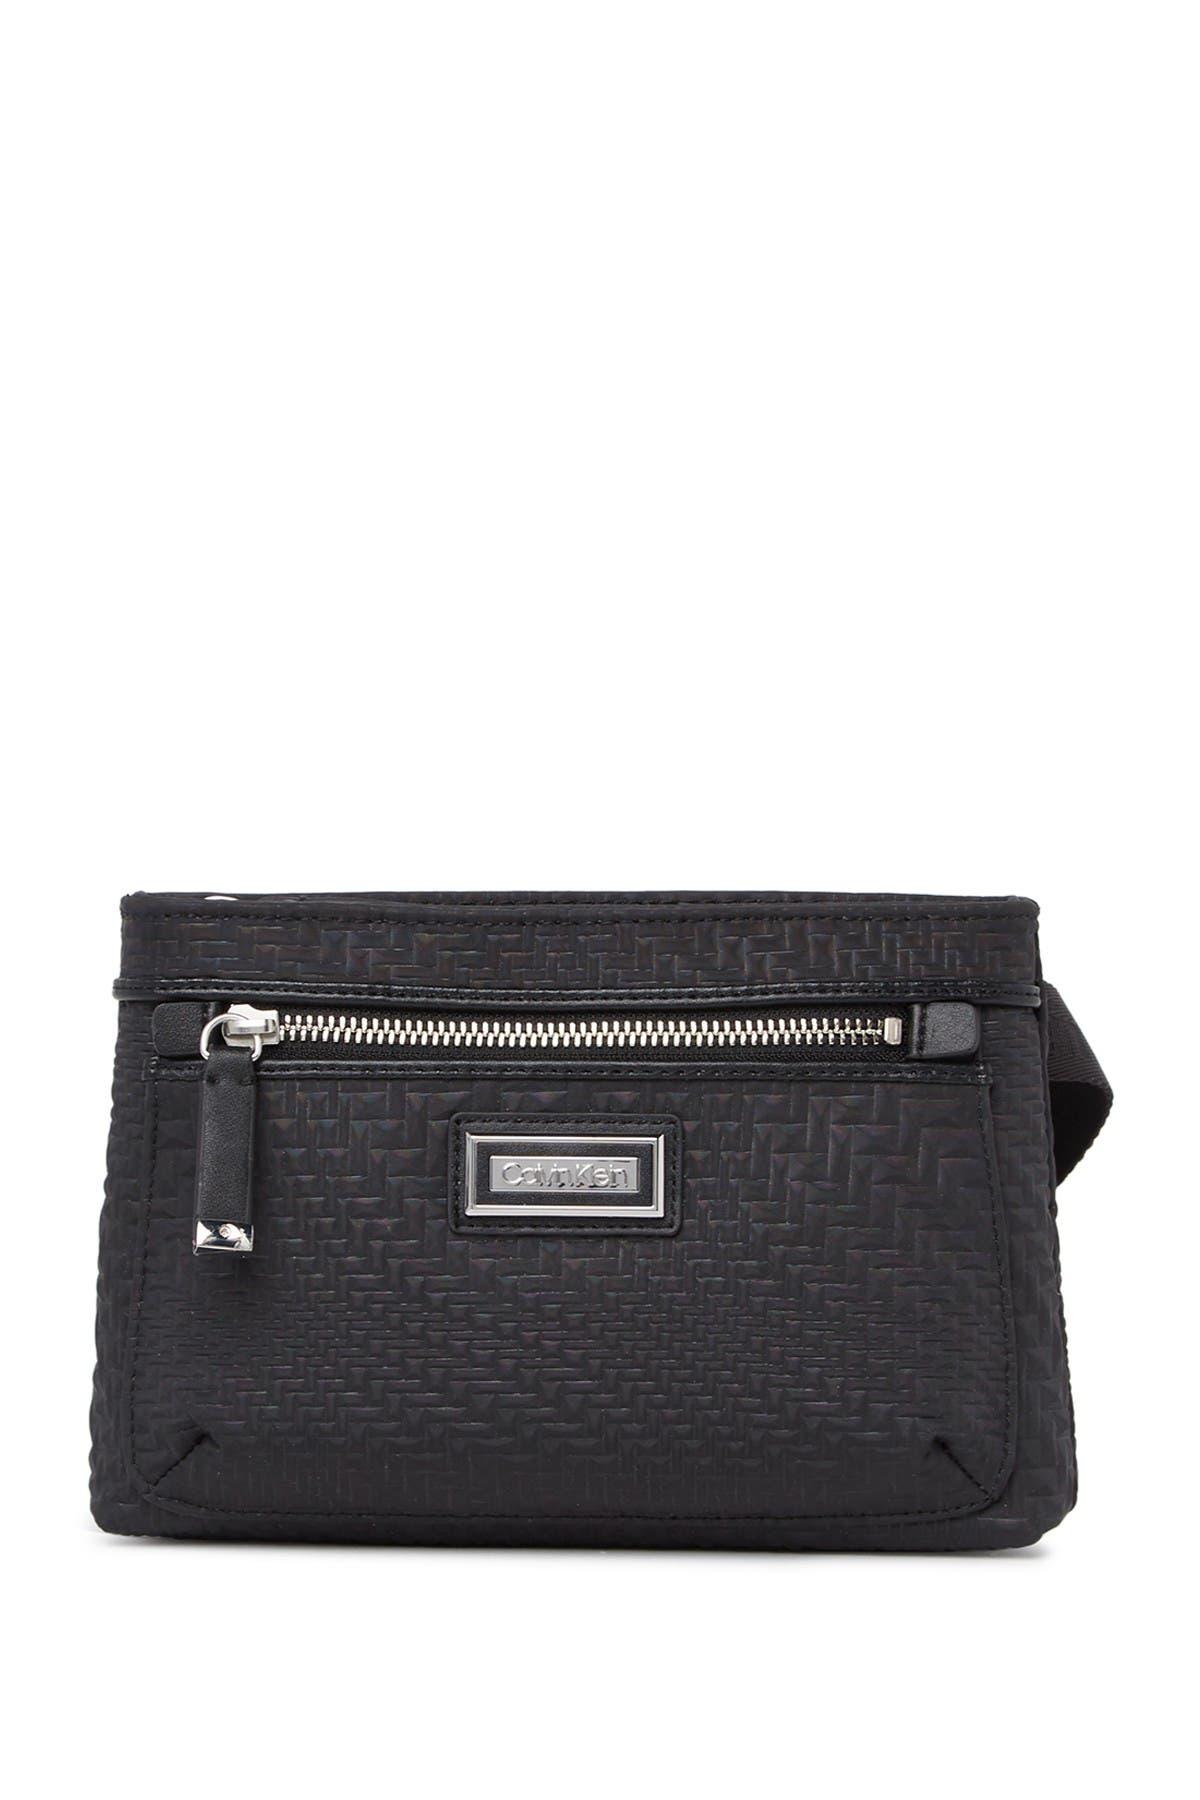 Image of Calvin Klein Belfast Nylon Belt Bag